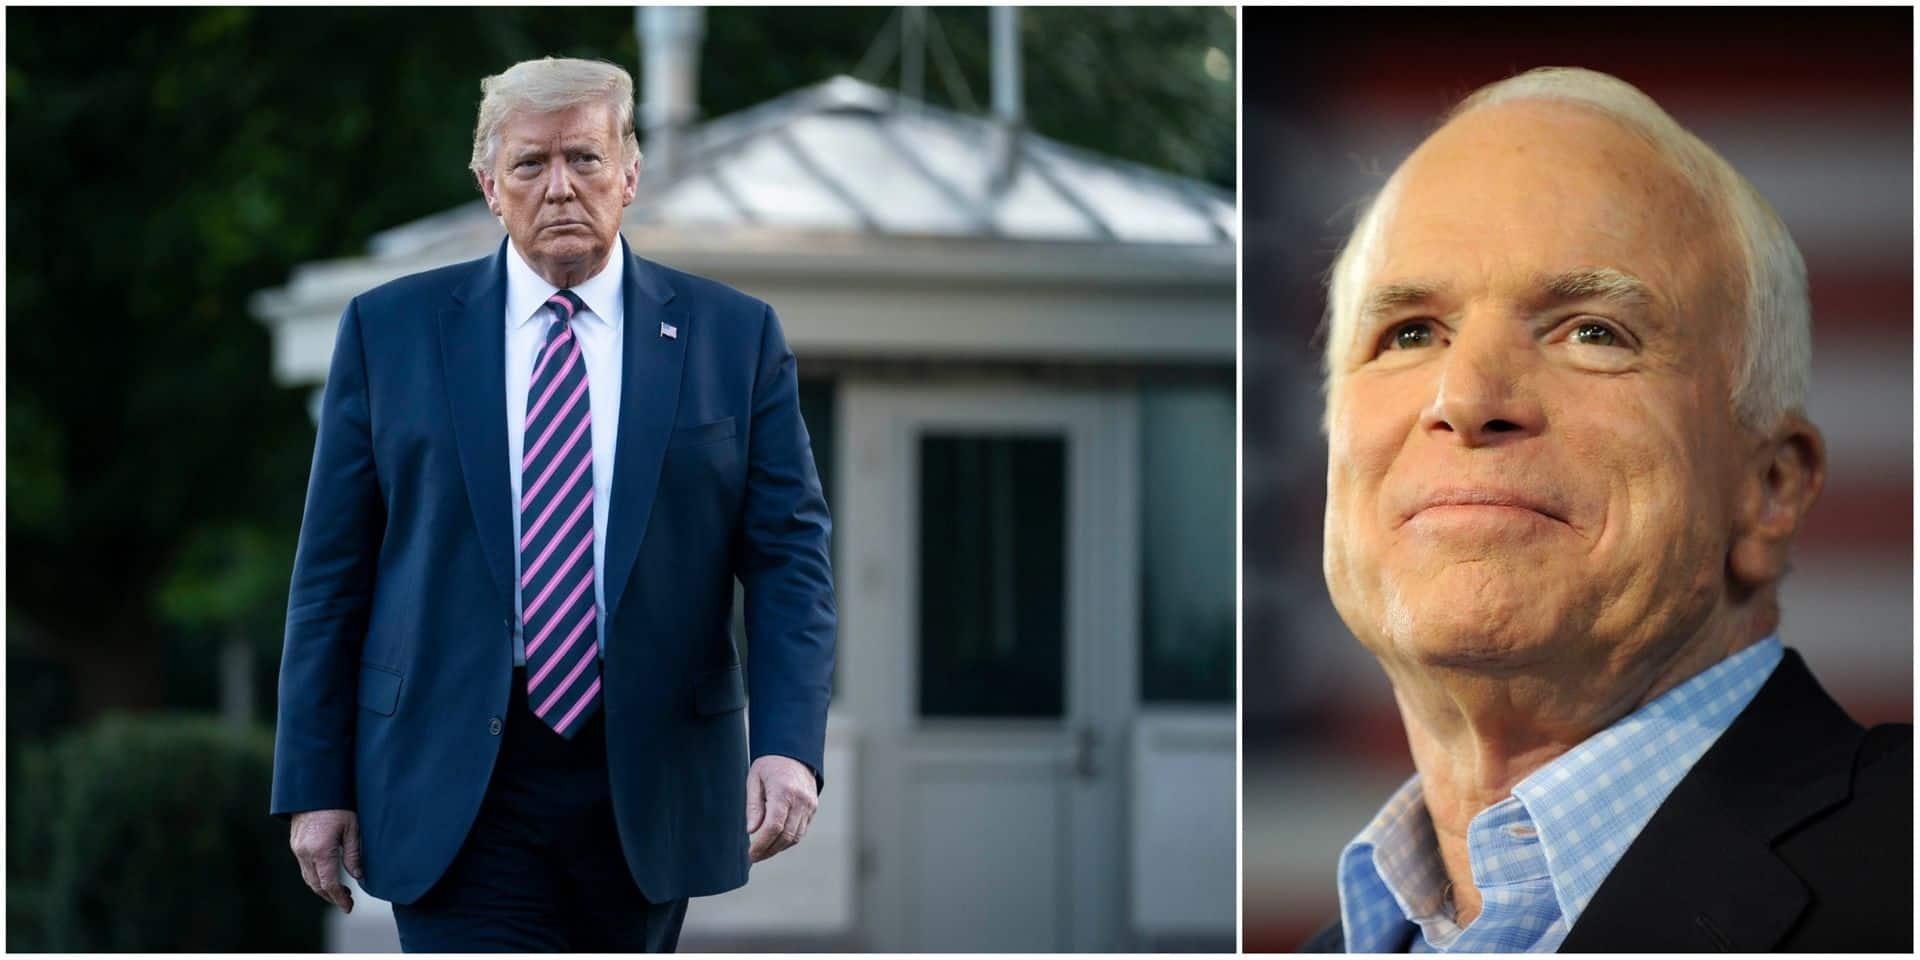 Dans un tweet, Trump s'acharne contre John McCain, sénateur républicain décédé